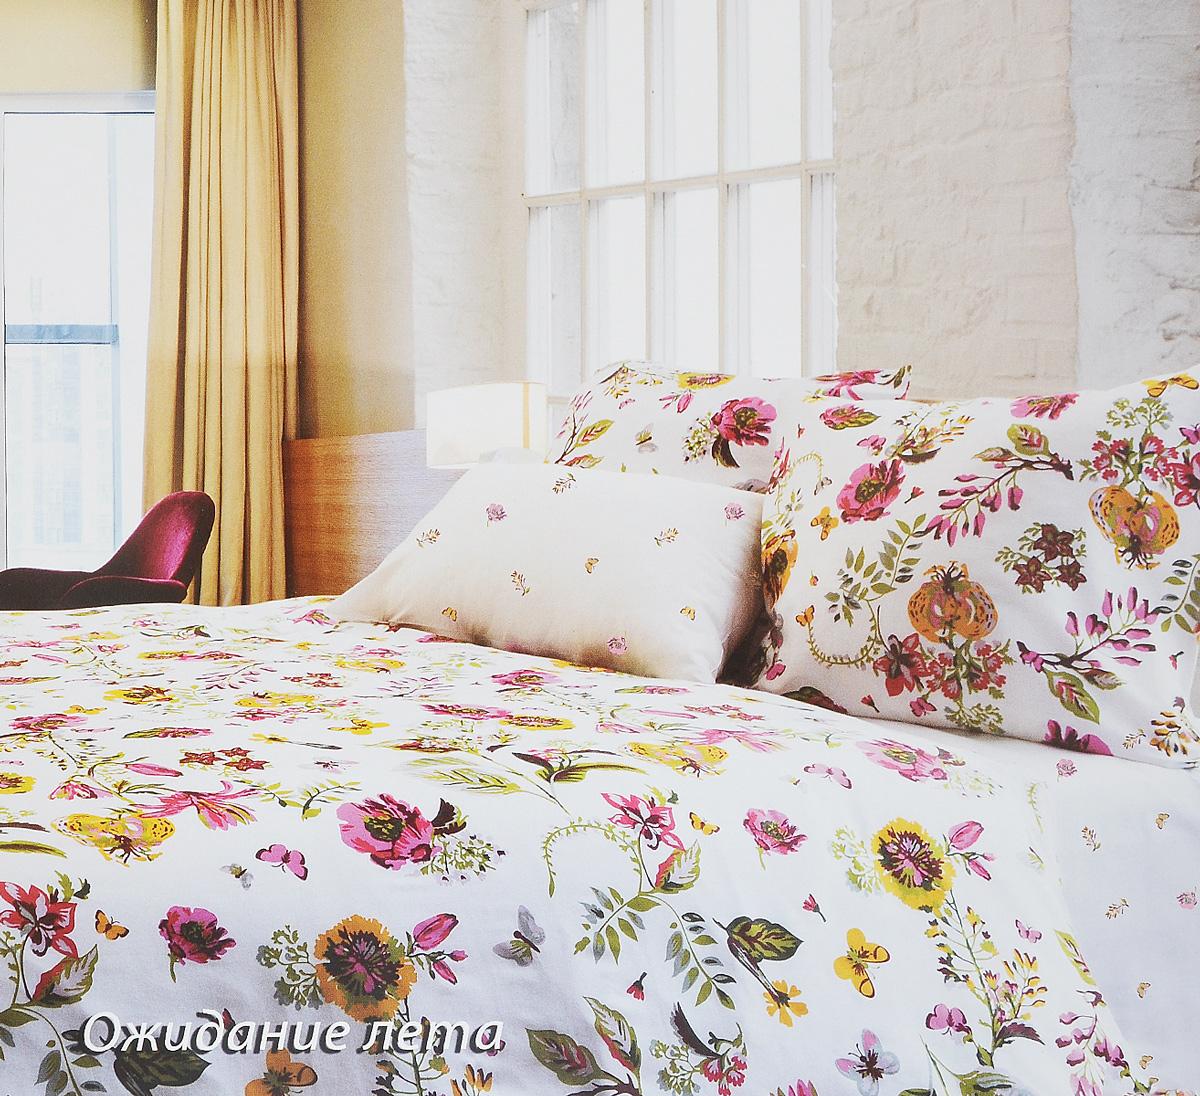 Комплект белья Tiffanys Secret Ожидание лета, евро, наволочки 70х70, цвет: белый, розовый, желтый2040816132Комплект постельного белья Tiffanys Secret Ожидание лета является экологически безопасным для всей семьи, так как выполнен из сатина (100% хлопок). Комплект состоит из пододеяльника, простыни и двух наволочек. Предметы комплекта оформлены оригинальным рисунком.Благодаря такому комплекту постельного белья вы сможете создать атмосферу уюта и комфорта в вашей спальне.Сатин - это ткань, навсегда покорившая сердца человечества. Ценившие роскошь персы называли ее атлас, а искушенные в прекрасном французы - сатин. Секрет высококачественного сатина в безупречности всего технологического процесса. Эту благородную ткань делают только из отборной натуральной пряжи, которую получают из самого лучшего тонковолокнистого хлопка. Благодаря использованию самой тонкой хлопковой нити получается необычайно мягкое и нежное полотно. Сатиновое постельное белье превращает жаркие летние ночи в прохладные и освежающие, а холодные зимние - в теплые и согревающие. Сатин очень приятен на ощупь, постельное белье из него долговечно, выдерживает более 300 стирок, и лишь спустя долгое время материал начинает немного тускнеть. Оцените все достоинства постельного белья из сатина, выбирая самое лучшее для себя!